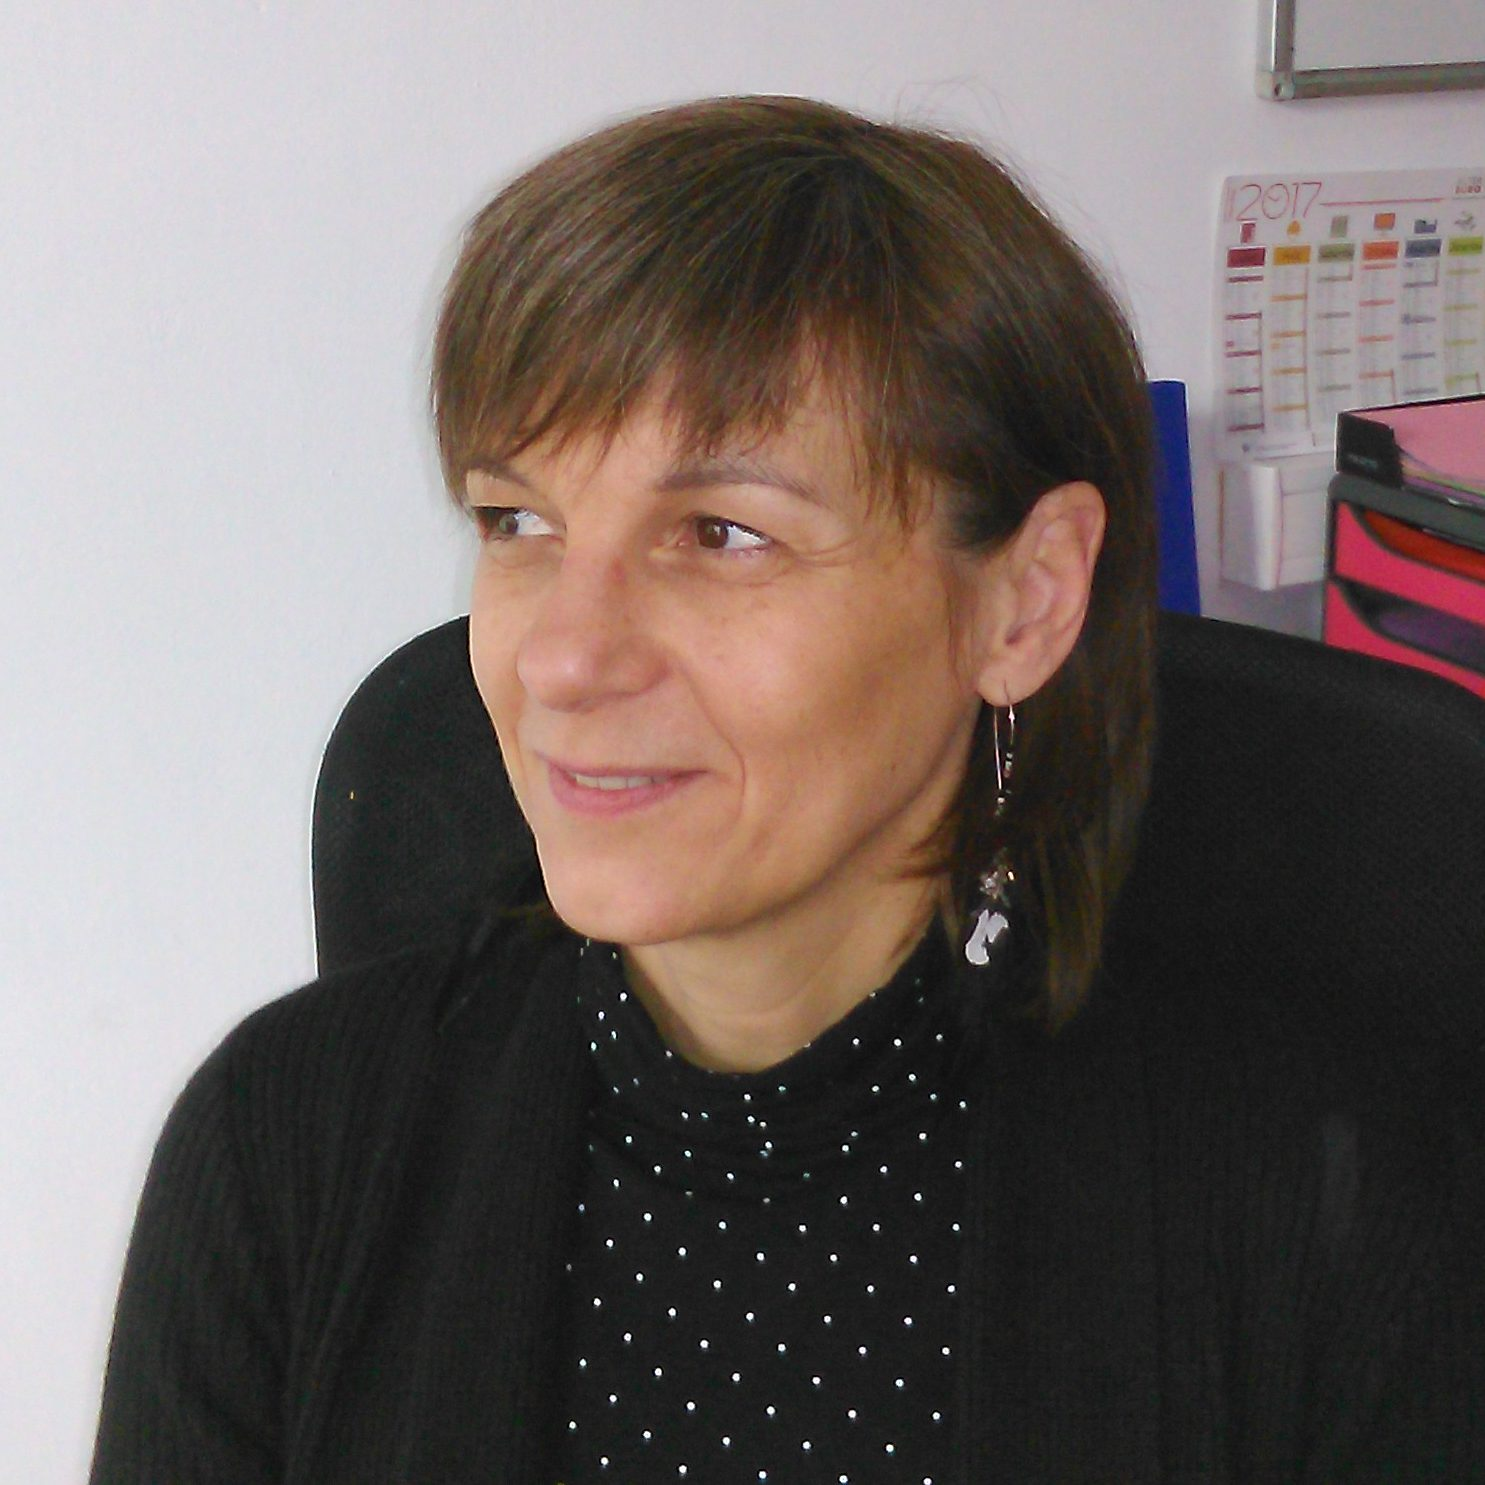 Christelle LIVERNOIS